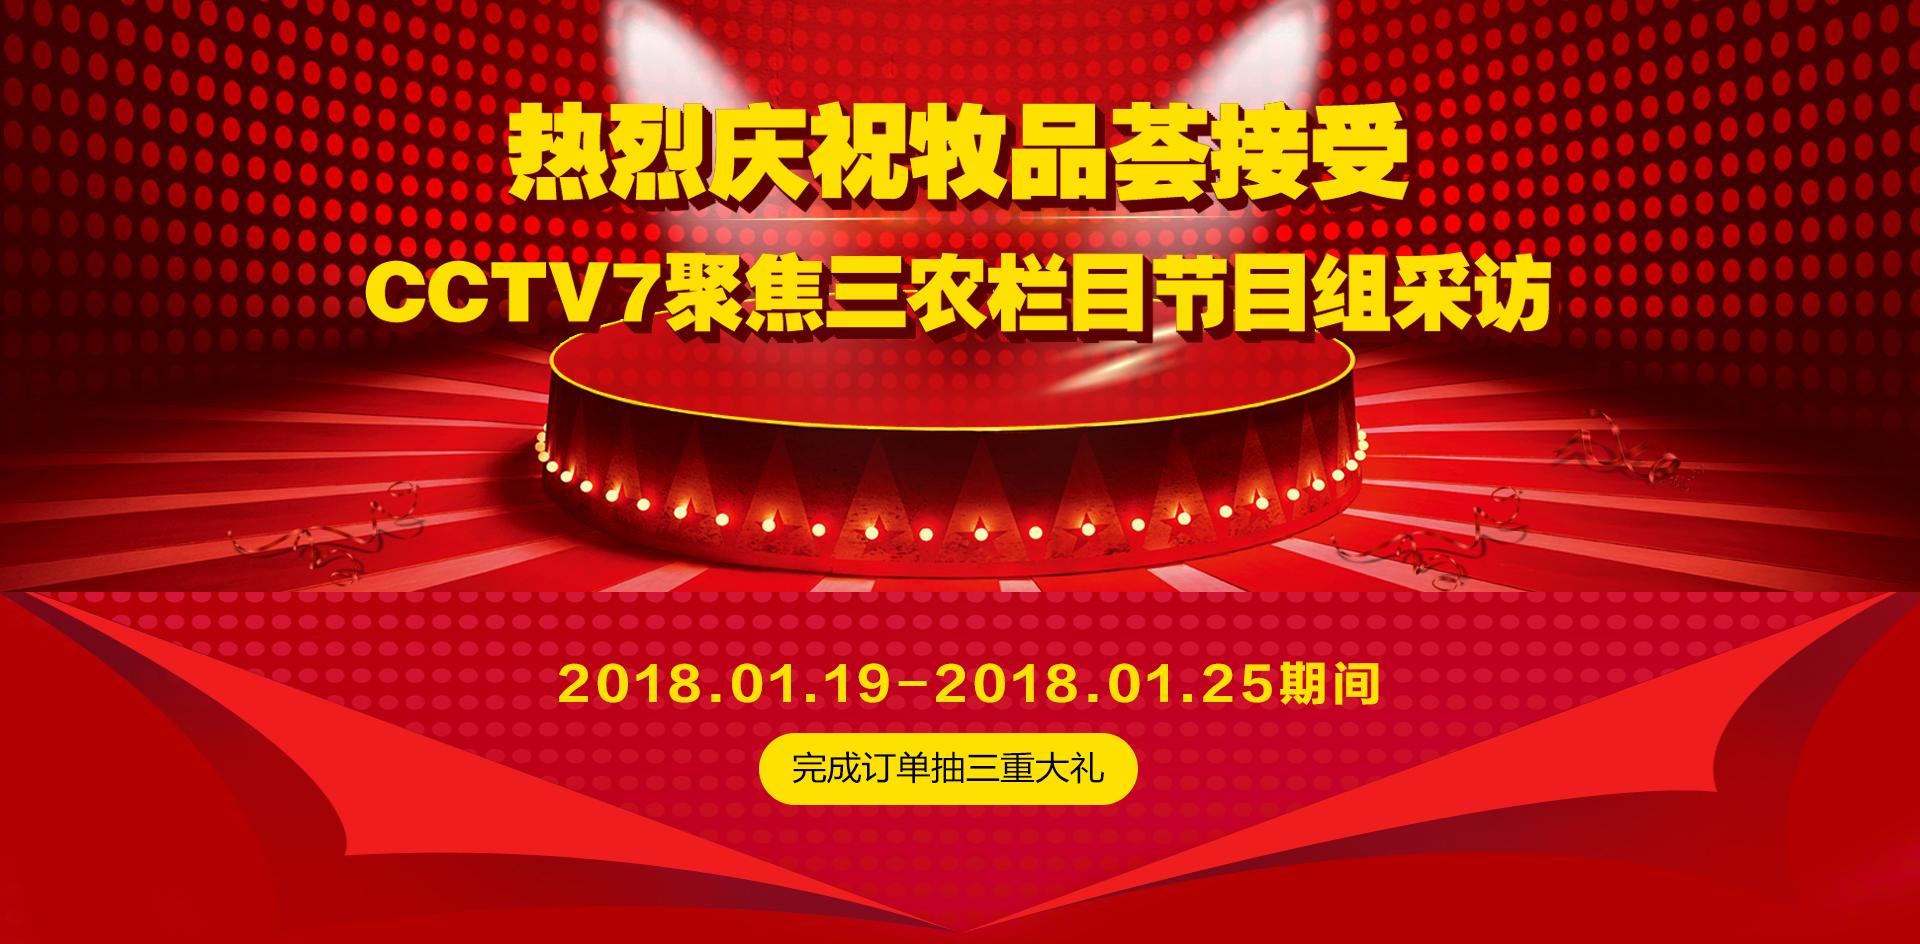 CCTV7聚焦三农-牧品荟